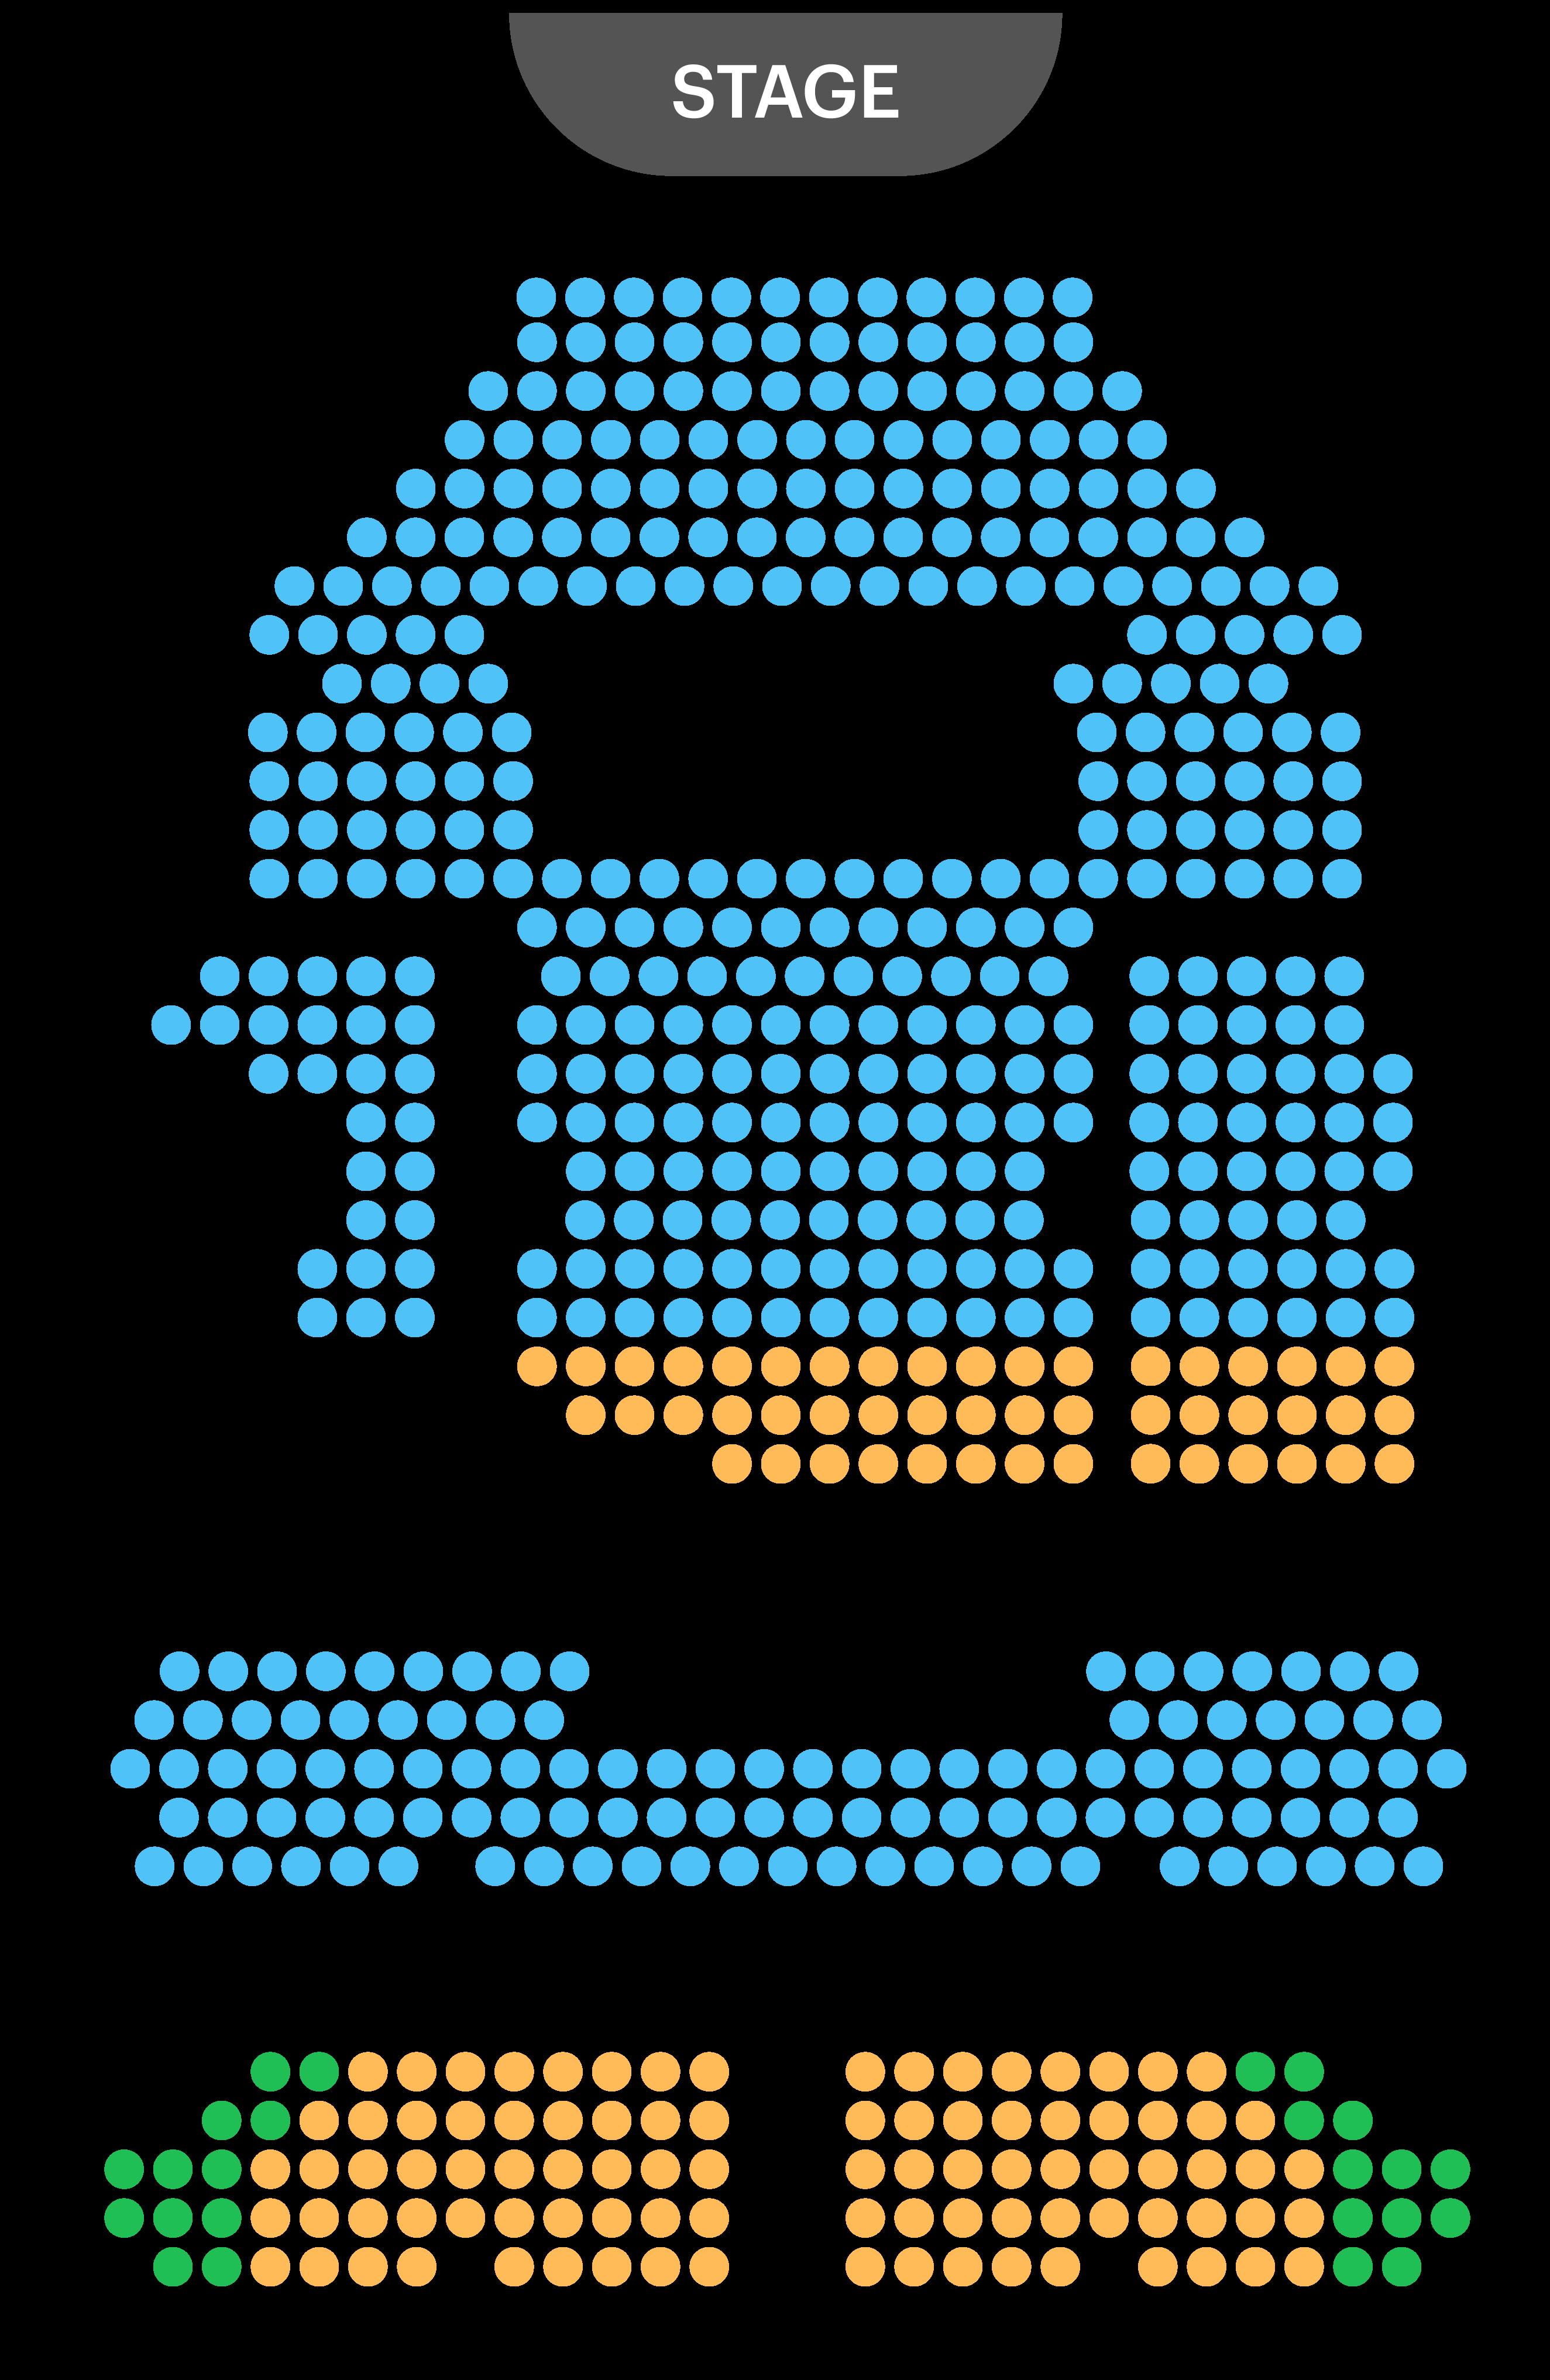 Garrick Theatre Seating Plan